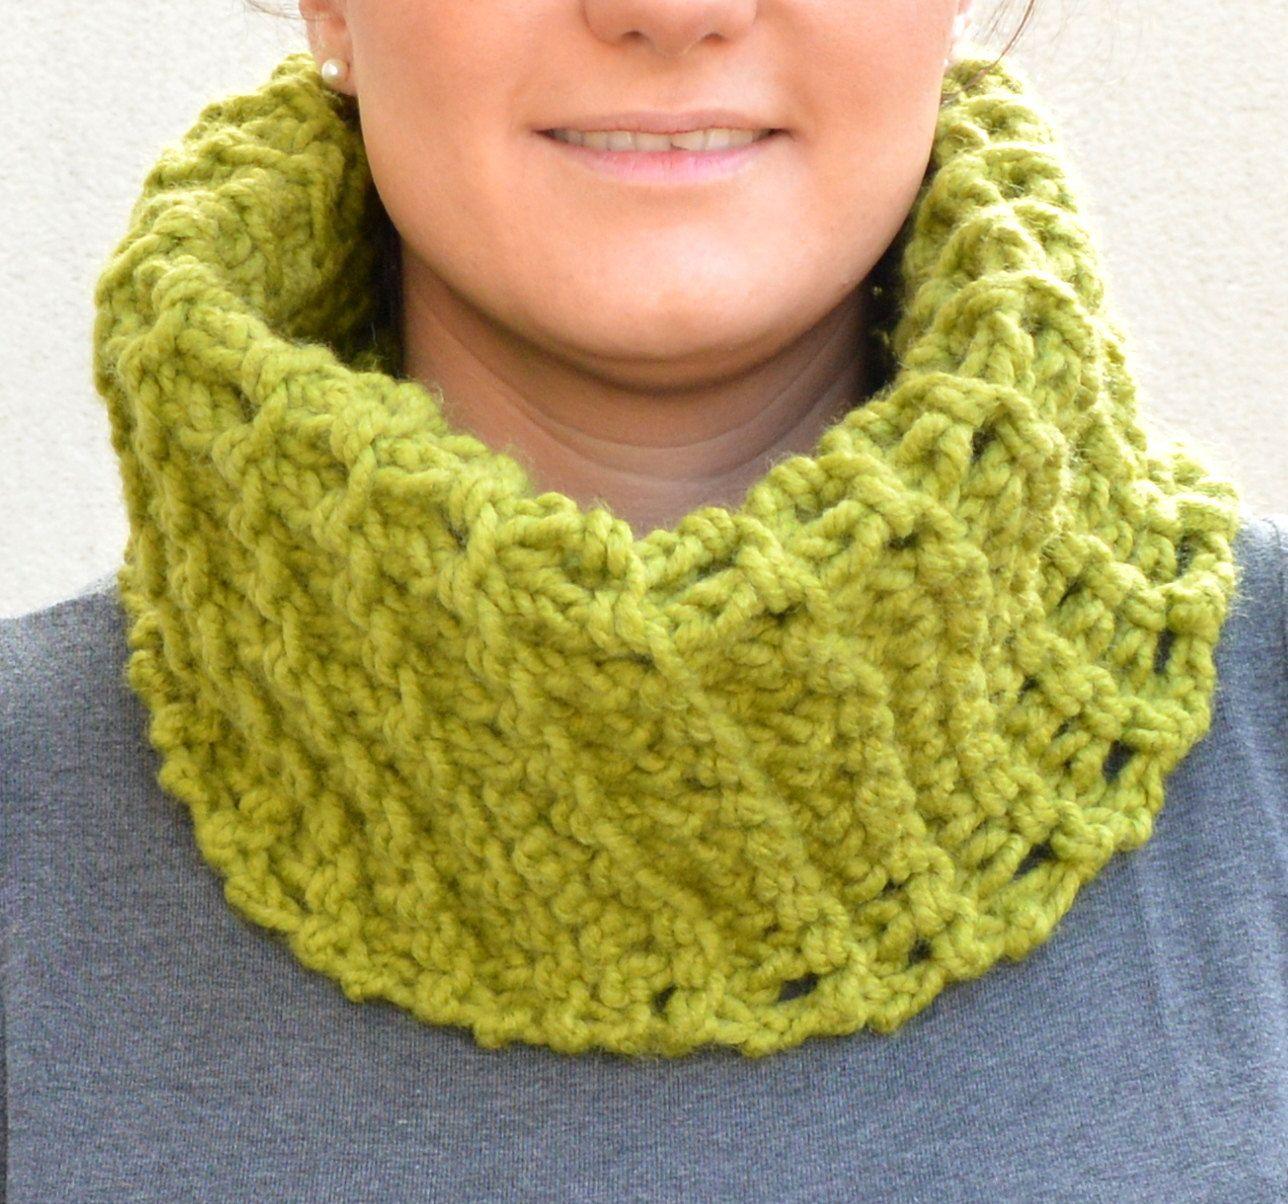 fecha de lanzamiento 04d5d 8454a Bufanda color verde. Bufanda abrigada ideal para invierno ...